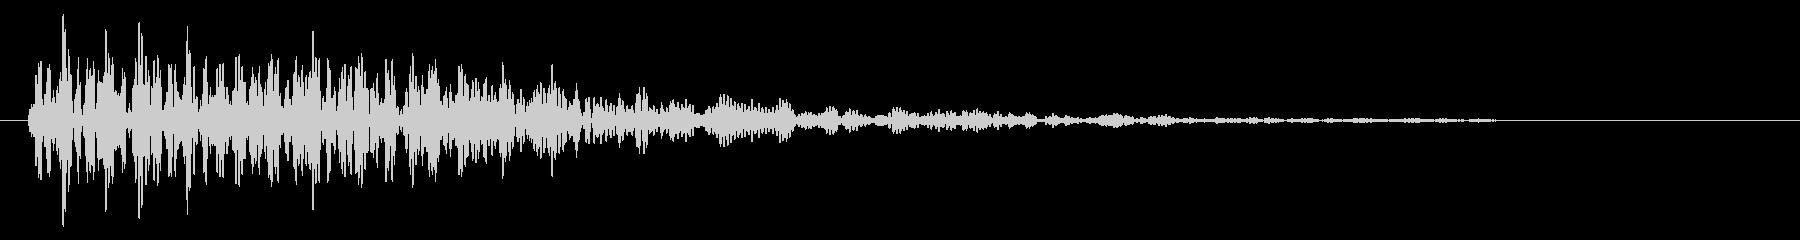 ボオオン(誤動作や誤選択時のNG音)の未再生の波形